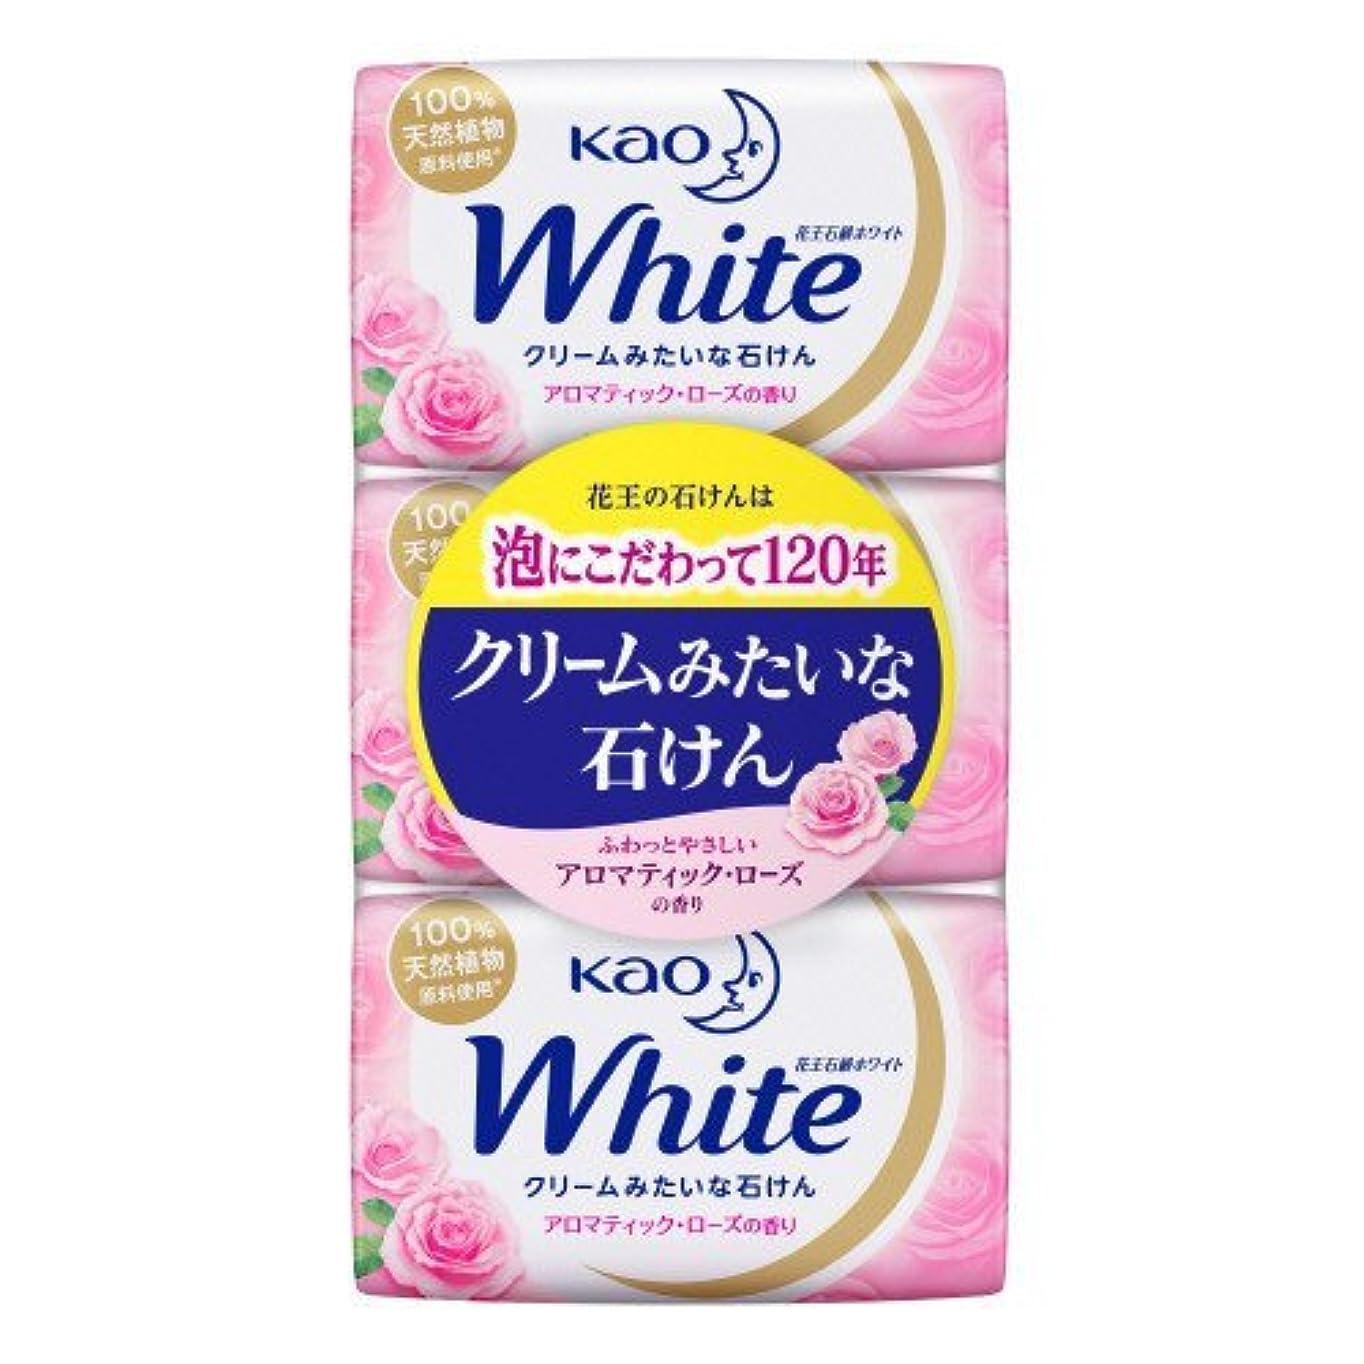 ナット不平を言うコスチューム花王ホワイト アロマティックローズの香り レギュラーサイズ 85g*3個入